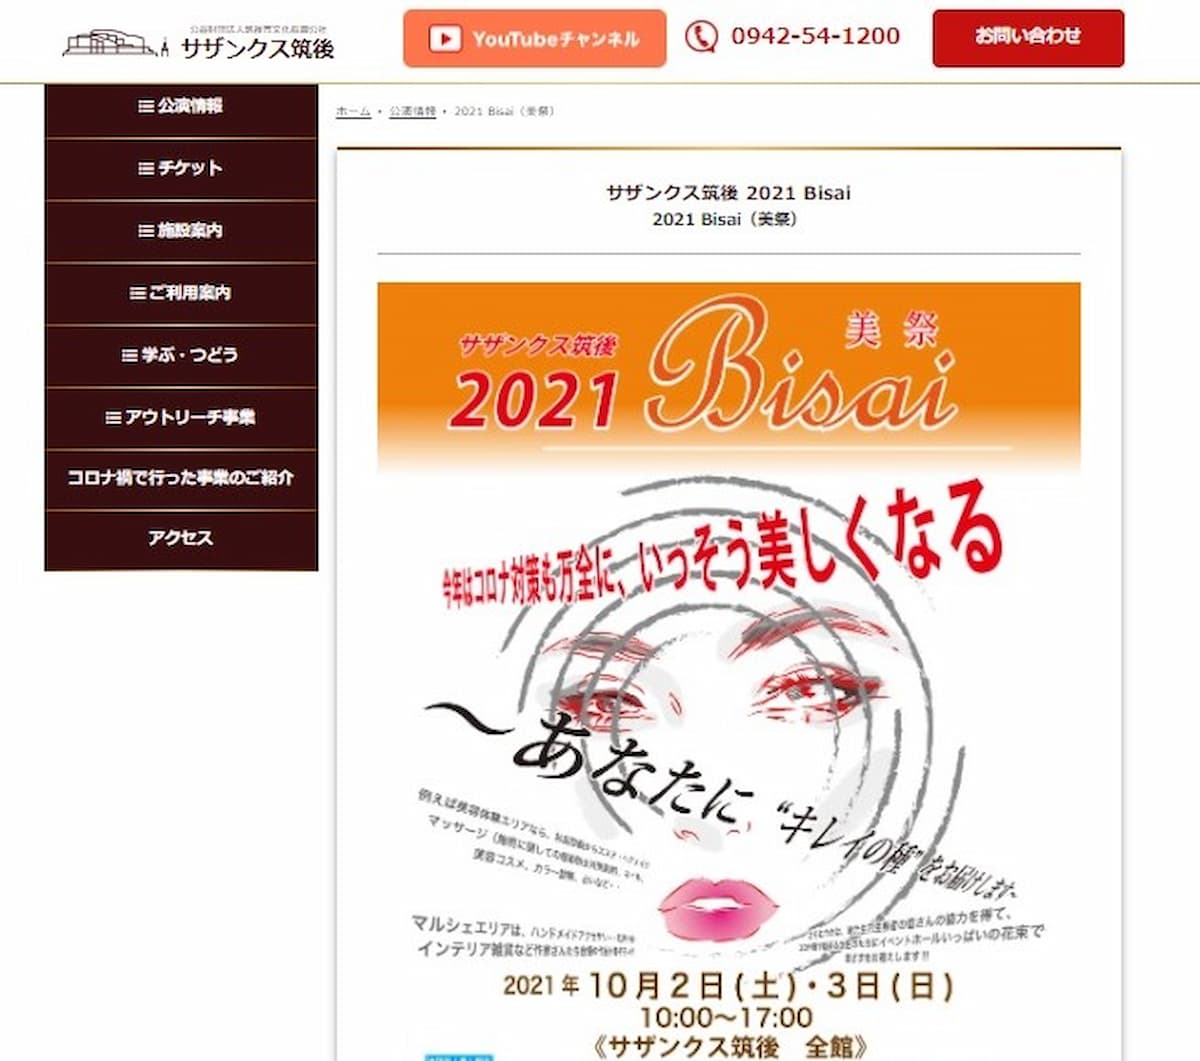 """サザンクス筑後で「2021 Bisai(美祭)」って""""美""""をテーマにしたイベントが開催されるみたい。10月2日・3日"""